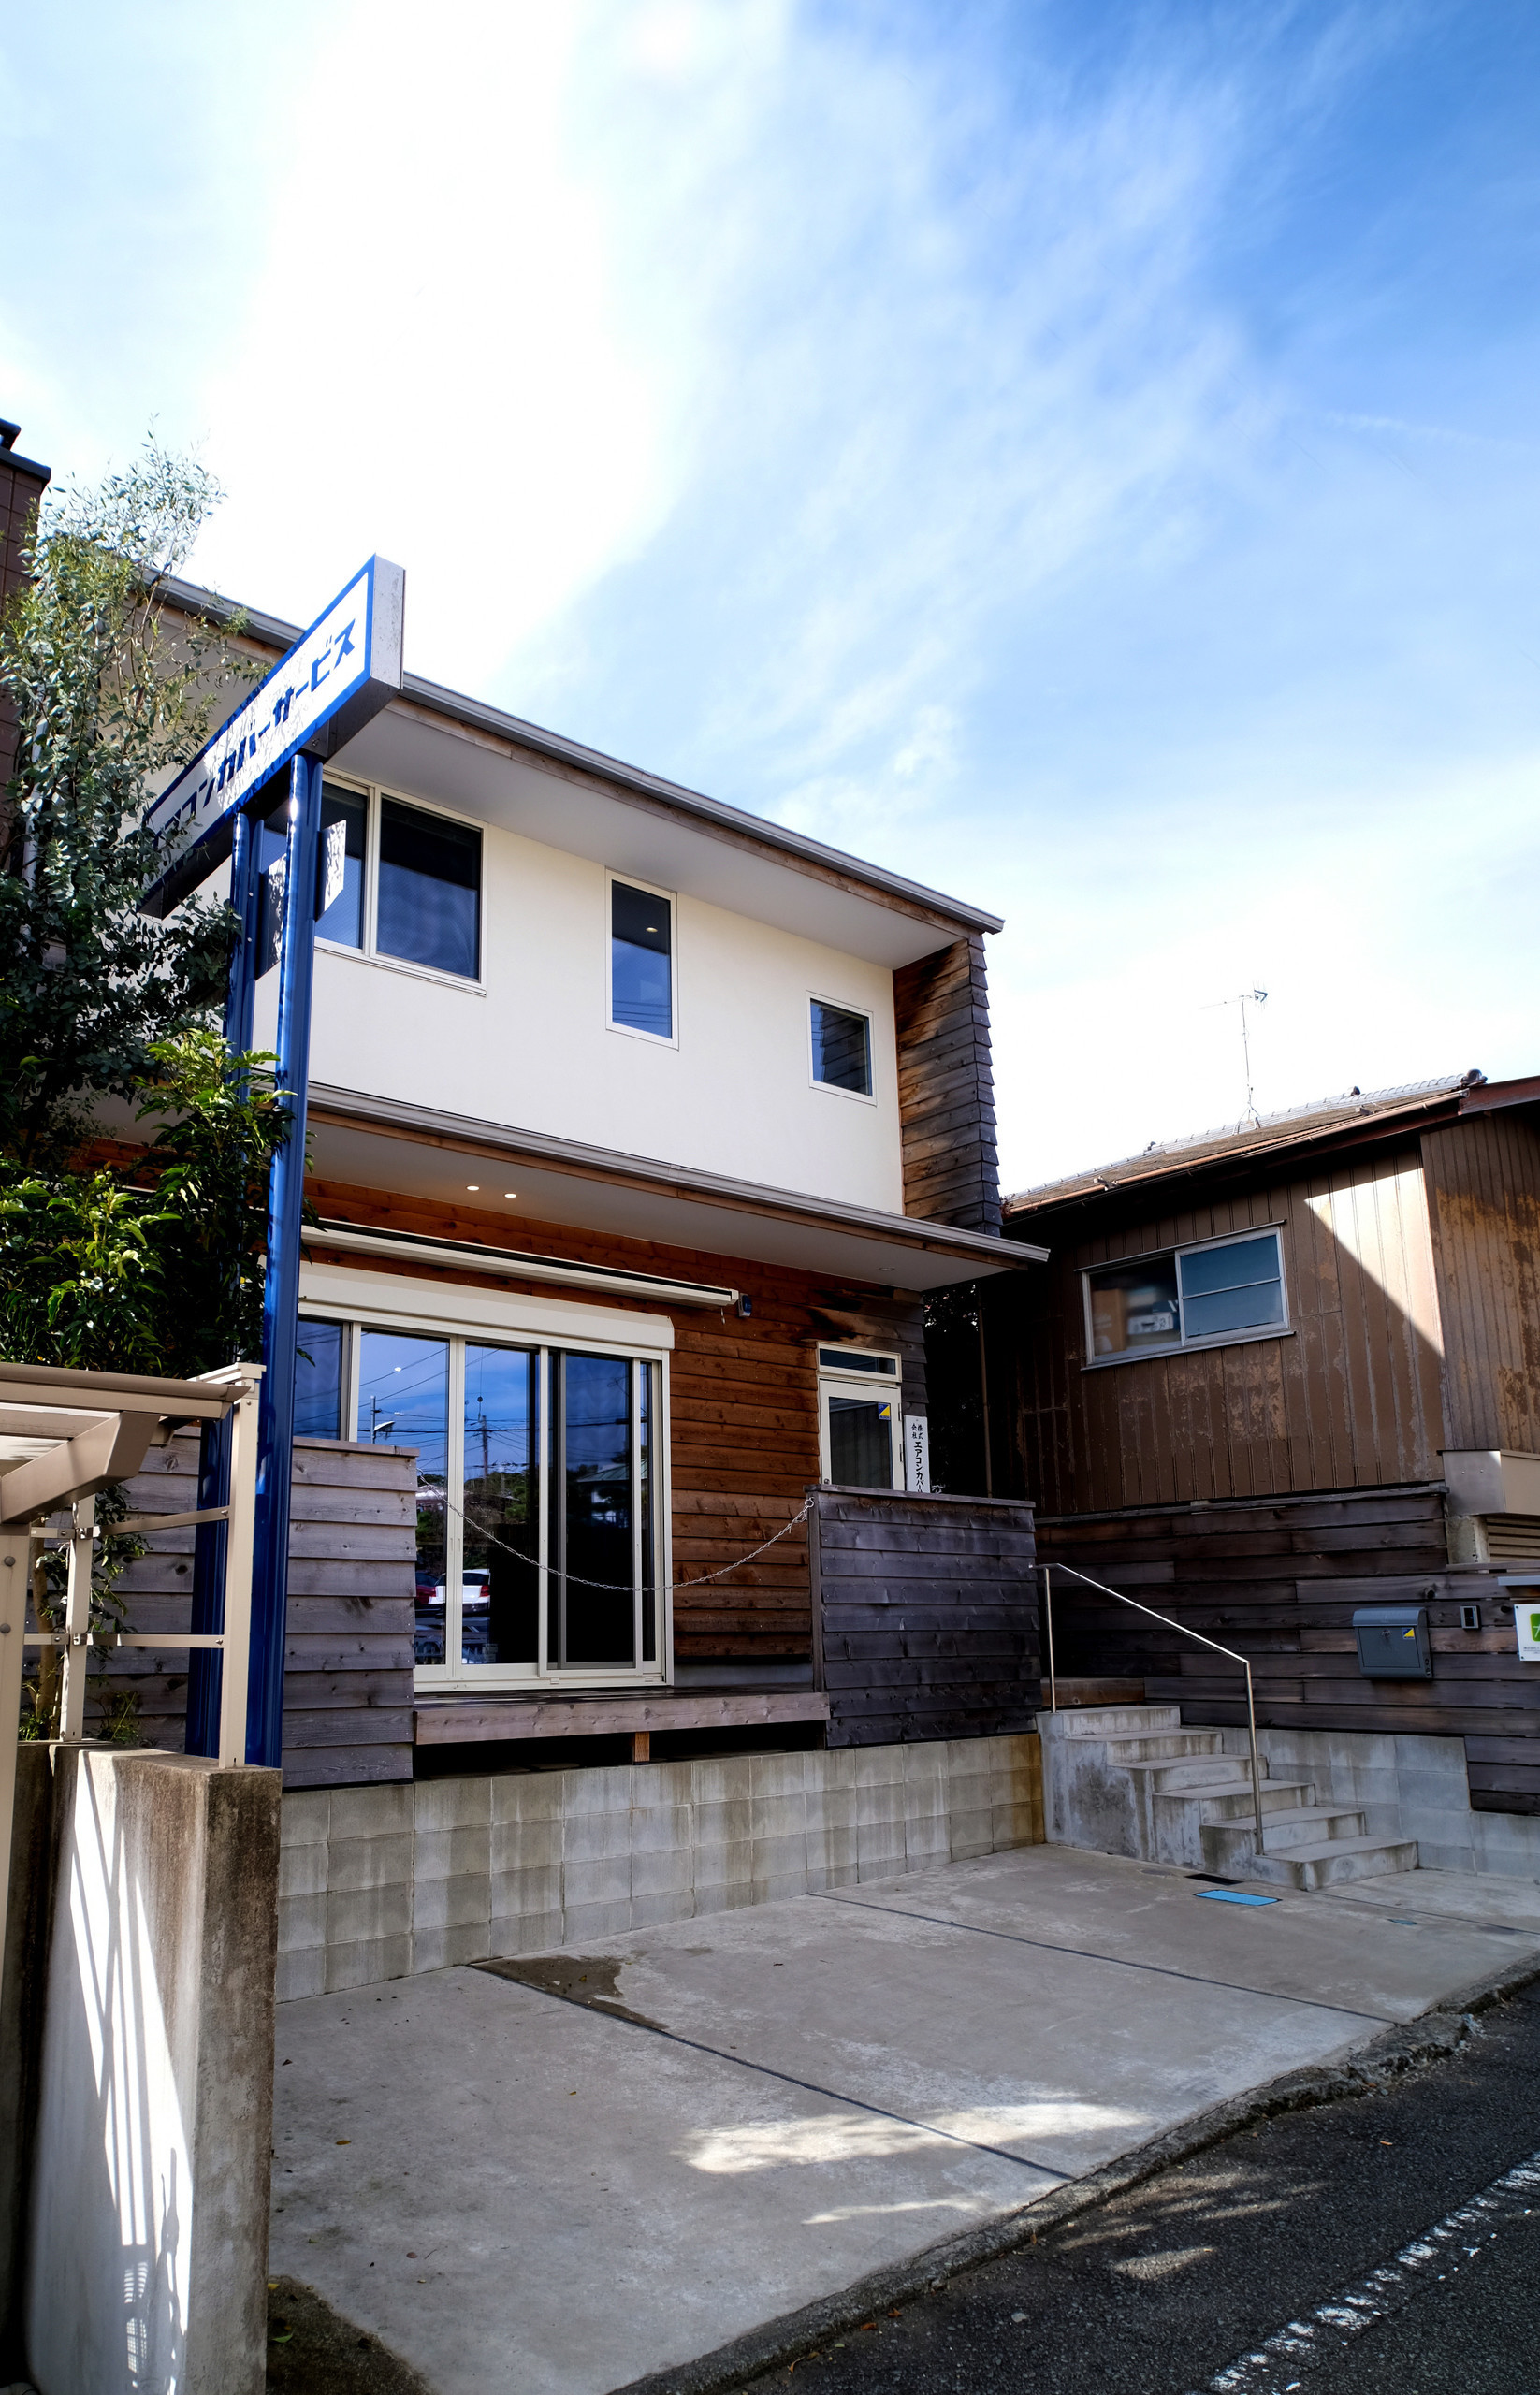 藤沢本町 エアコンカバーサービス社屋 木張りのオフィスの建築事例写真